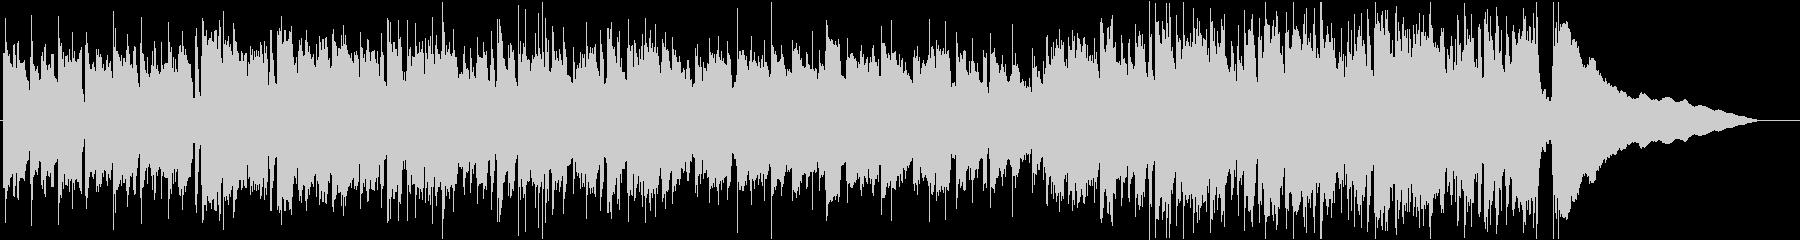 アコギが中心の穏やかな曲_ワンコーラス2の未再生の波形